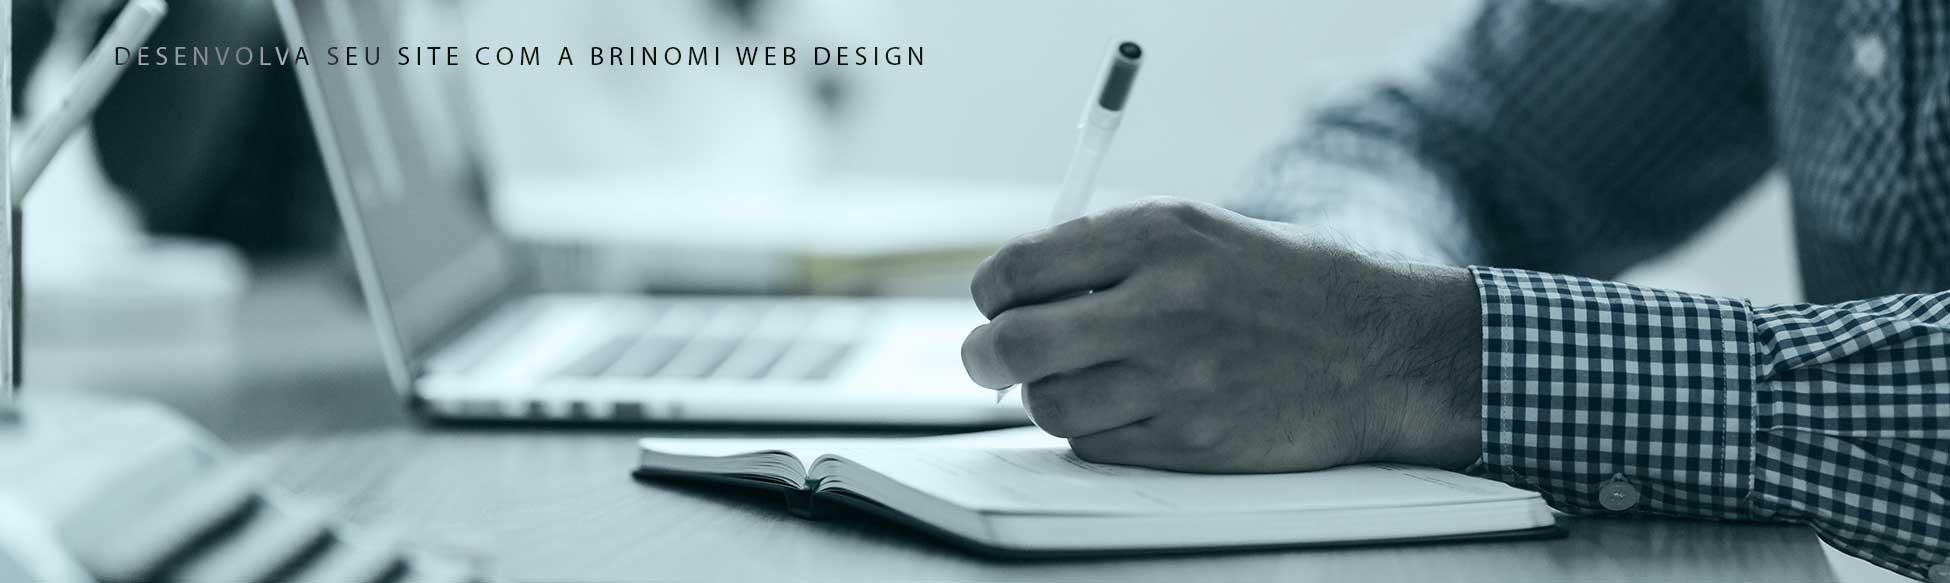 Somos uma agência de webdesign com CNPJ